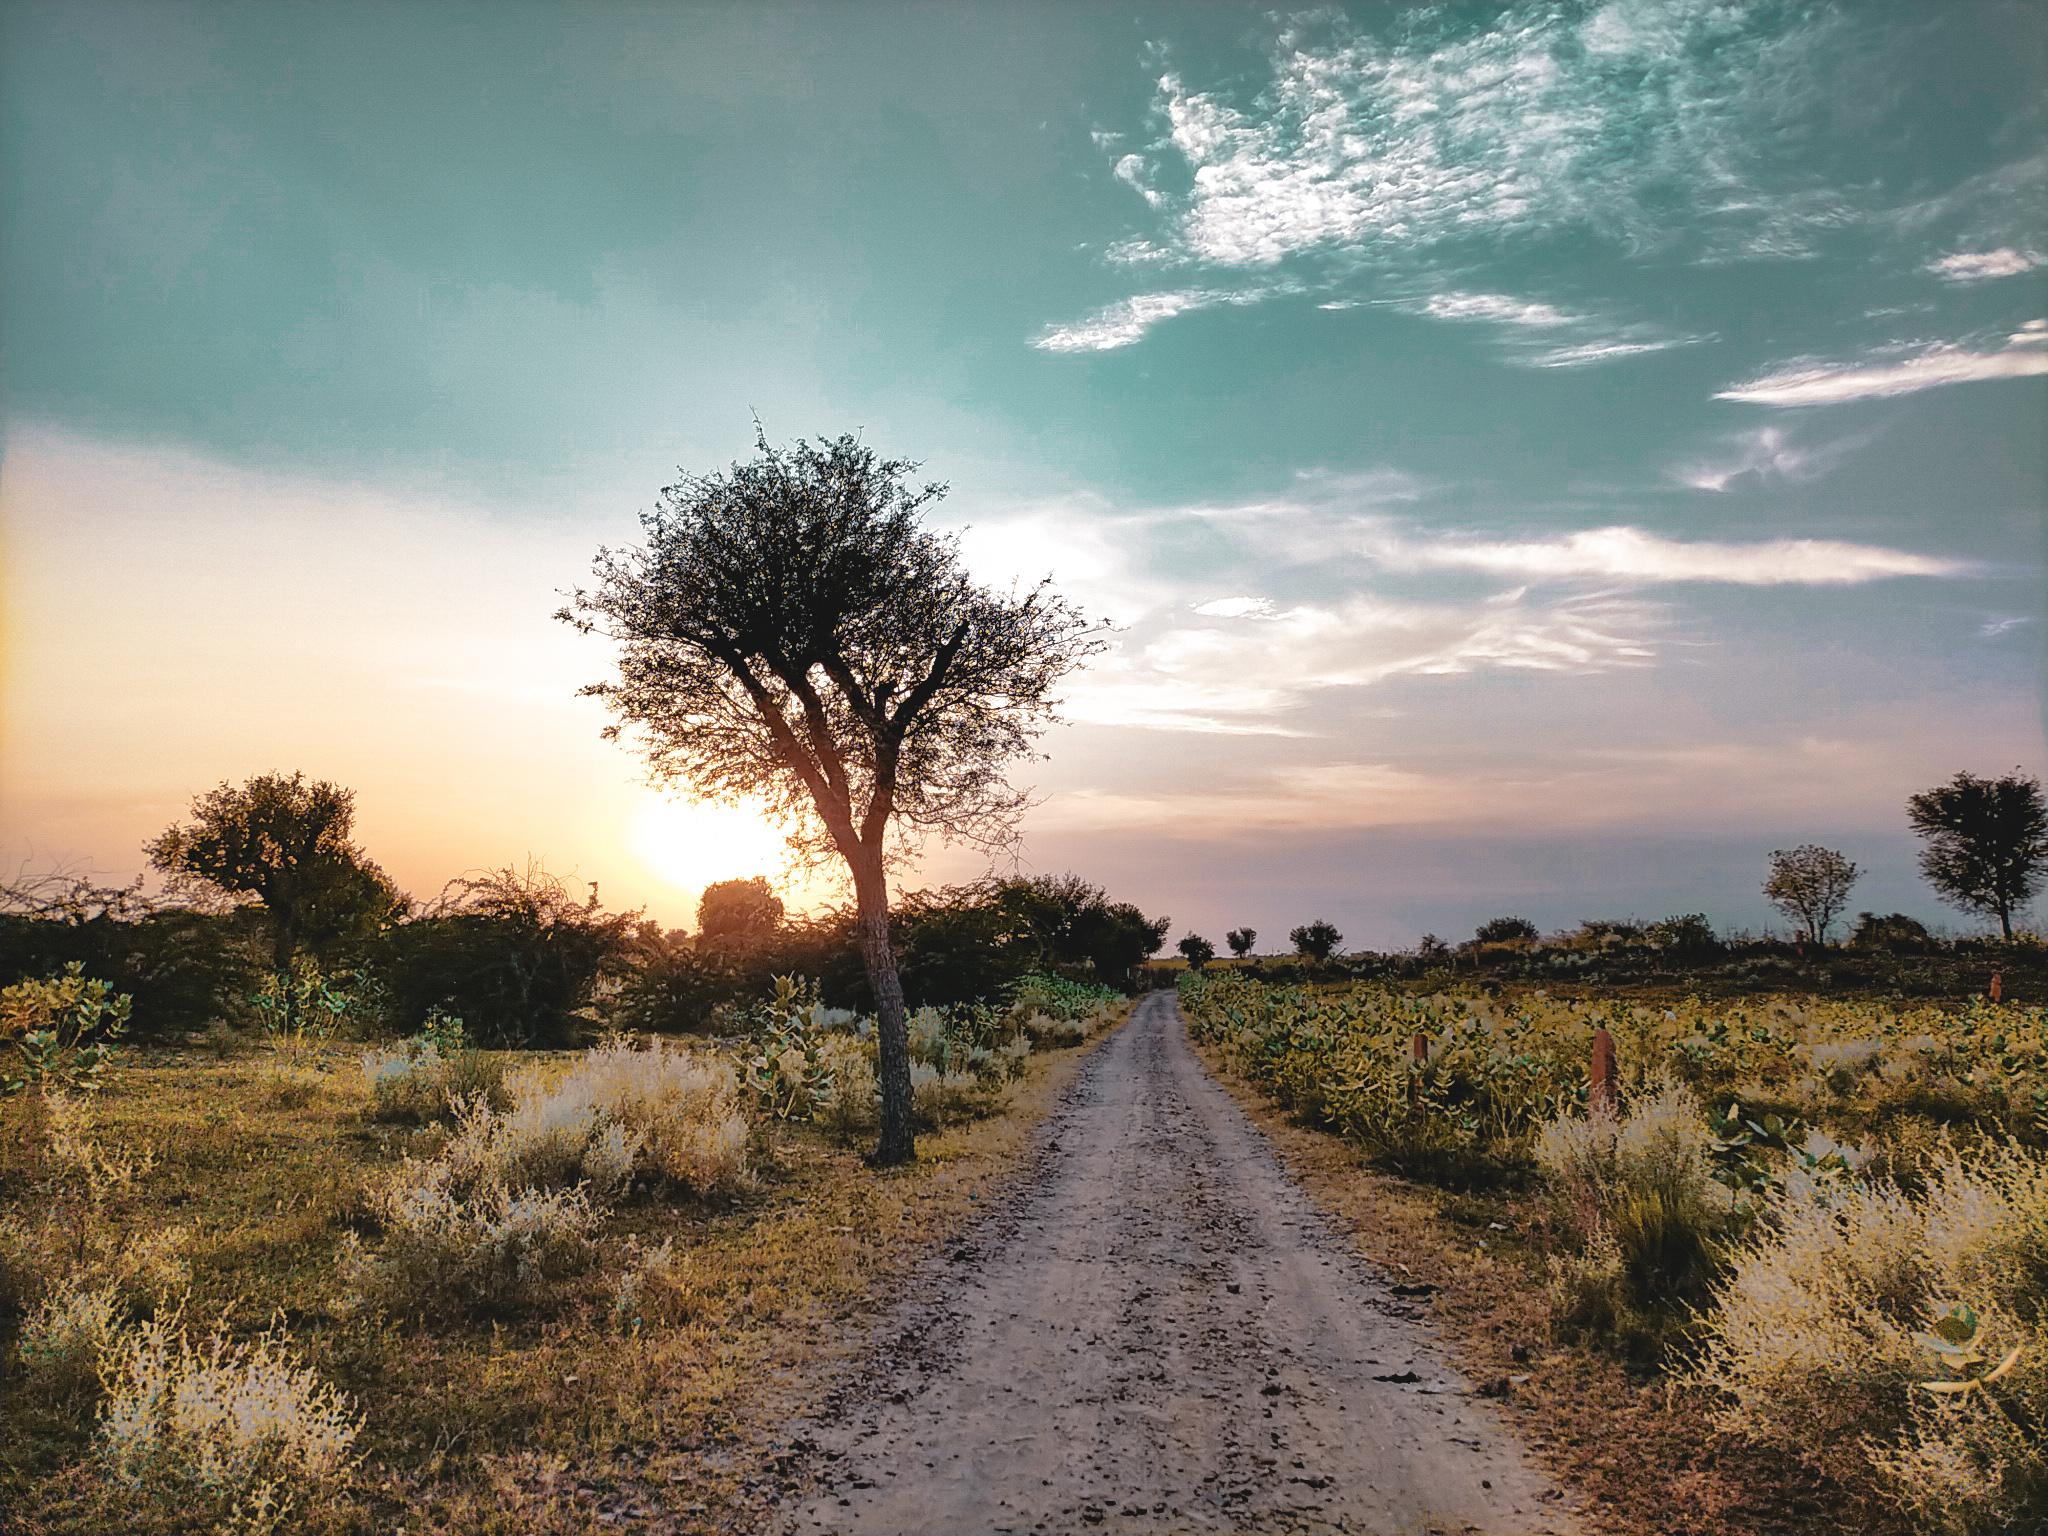 path amidst wilderness